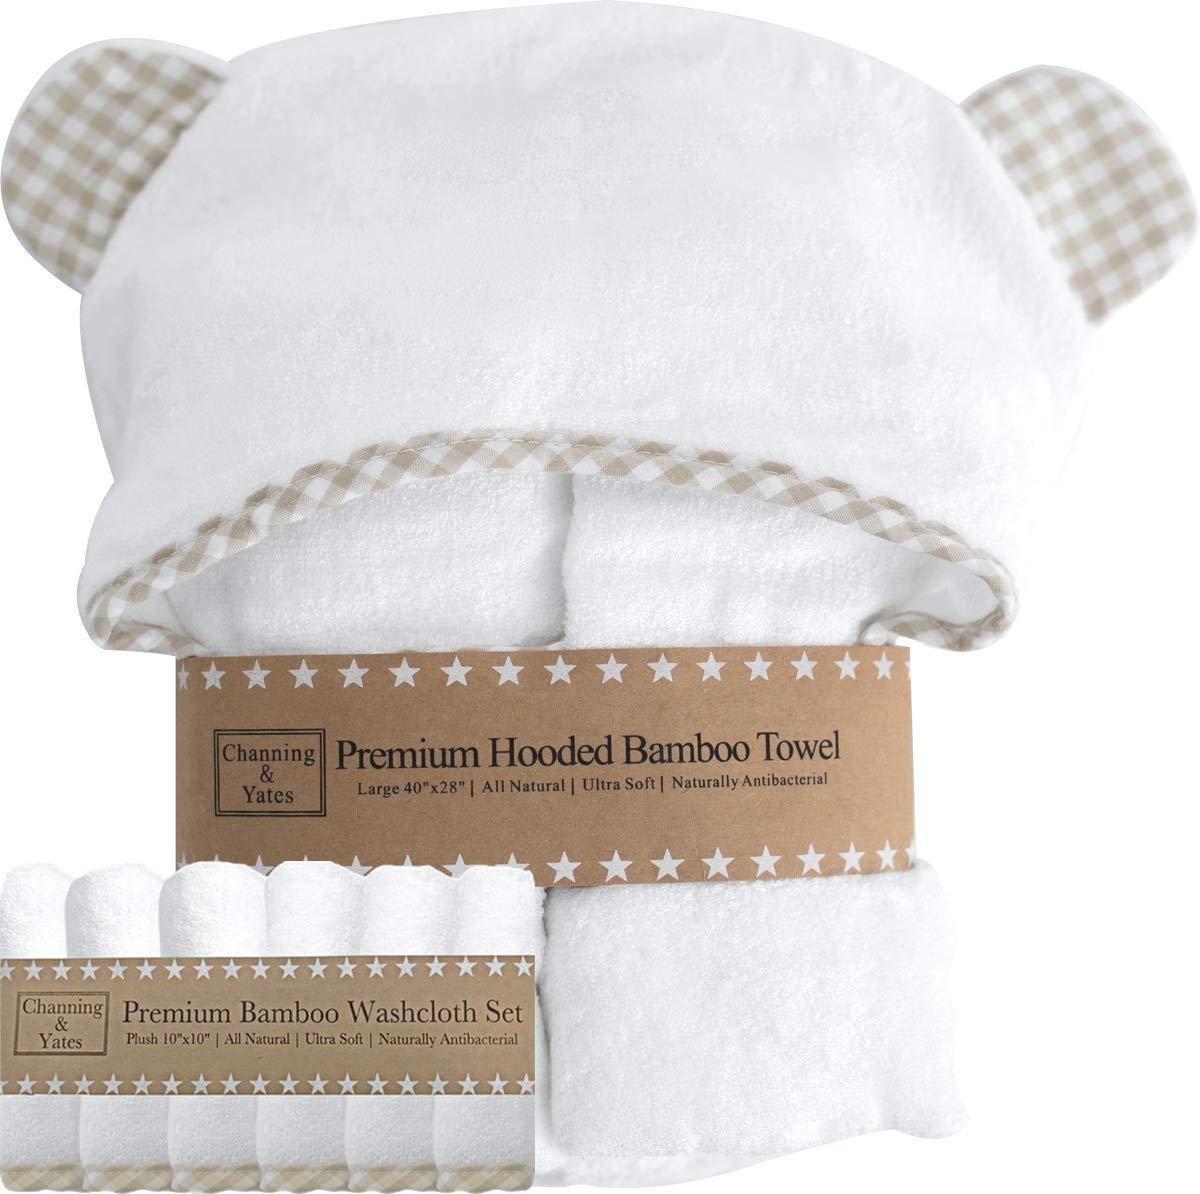 blau Channing /& Yates baby-handt/ücher f/ür jungen mit kapuze baby-handtuch und waschlappen set bio-bambus-baby-handt/ücher mit kapuze -